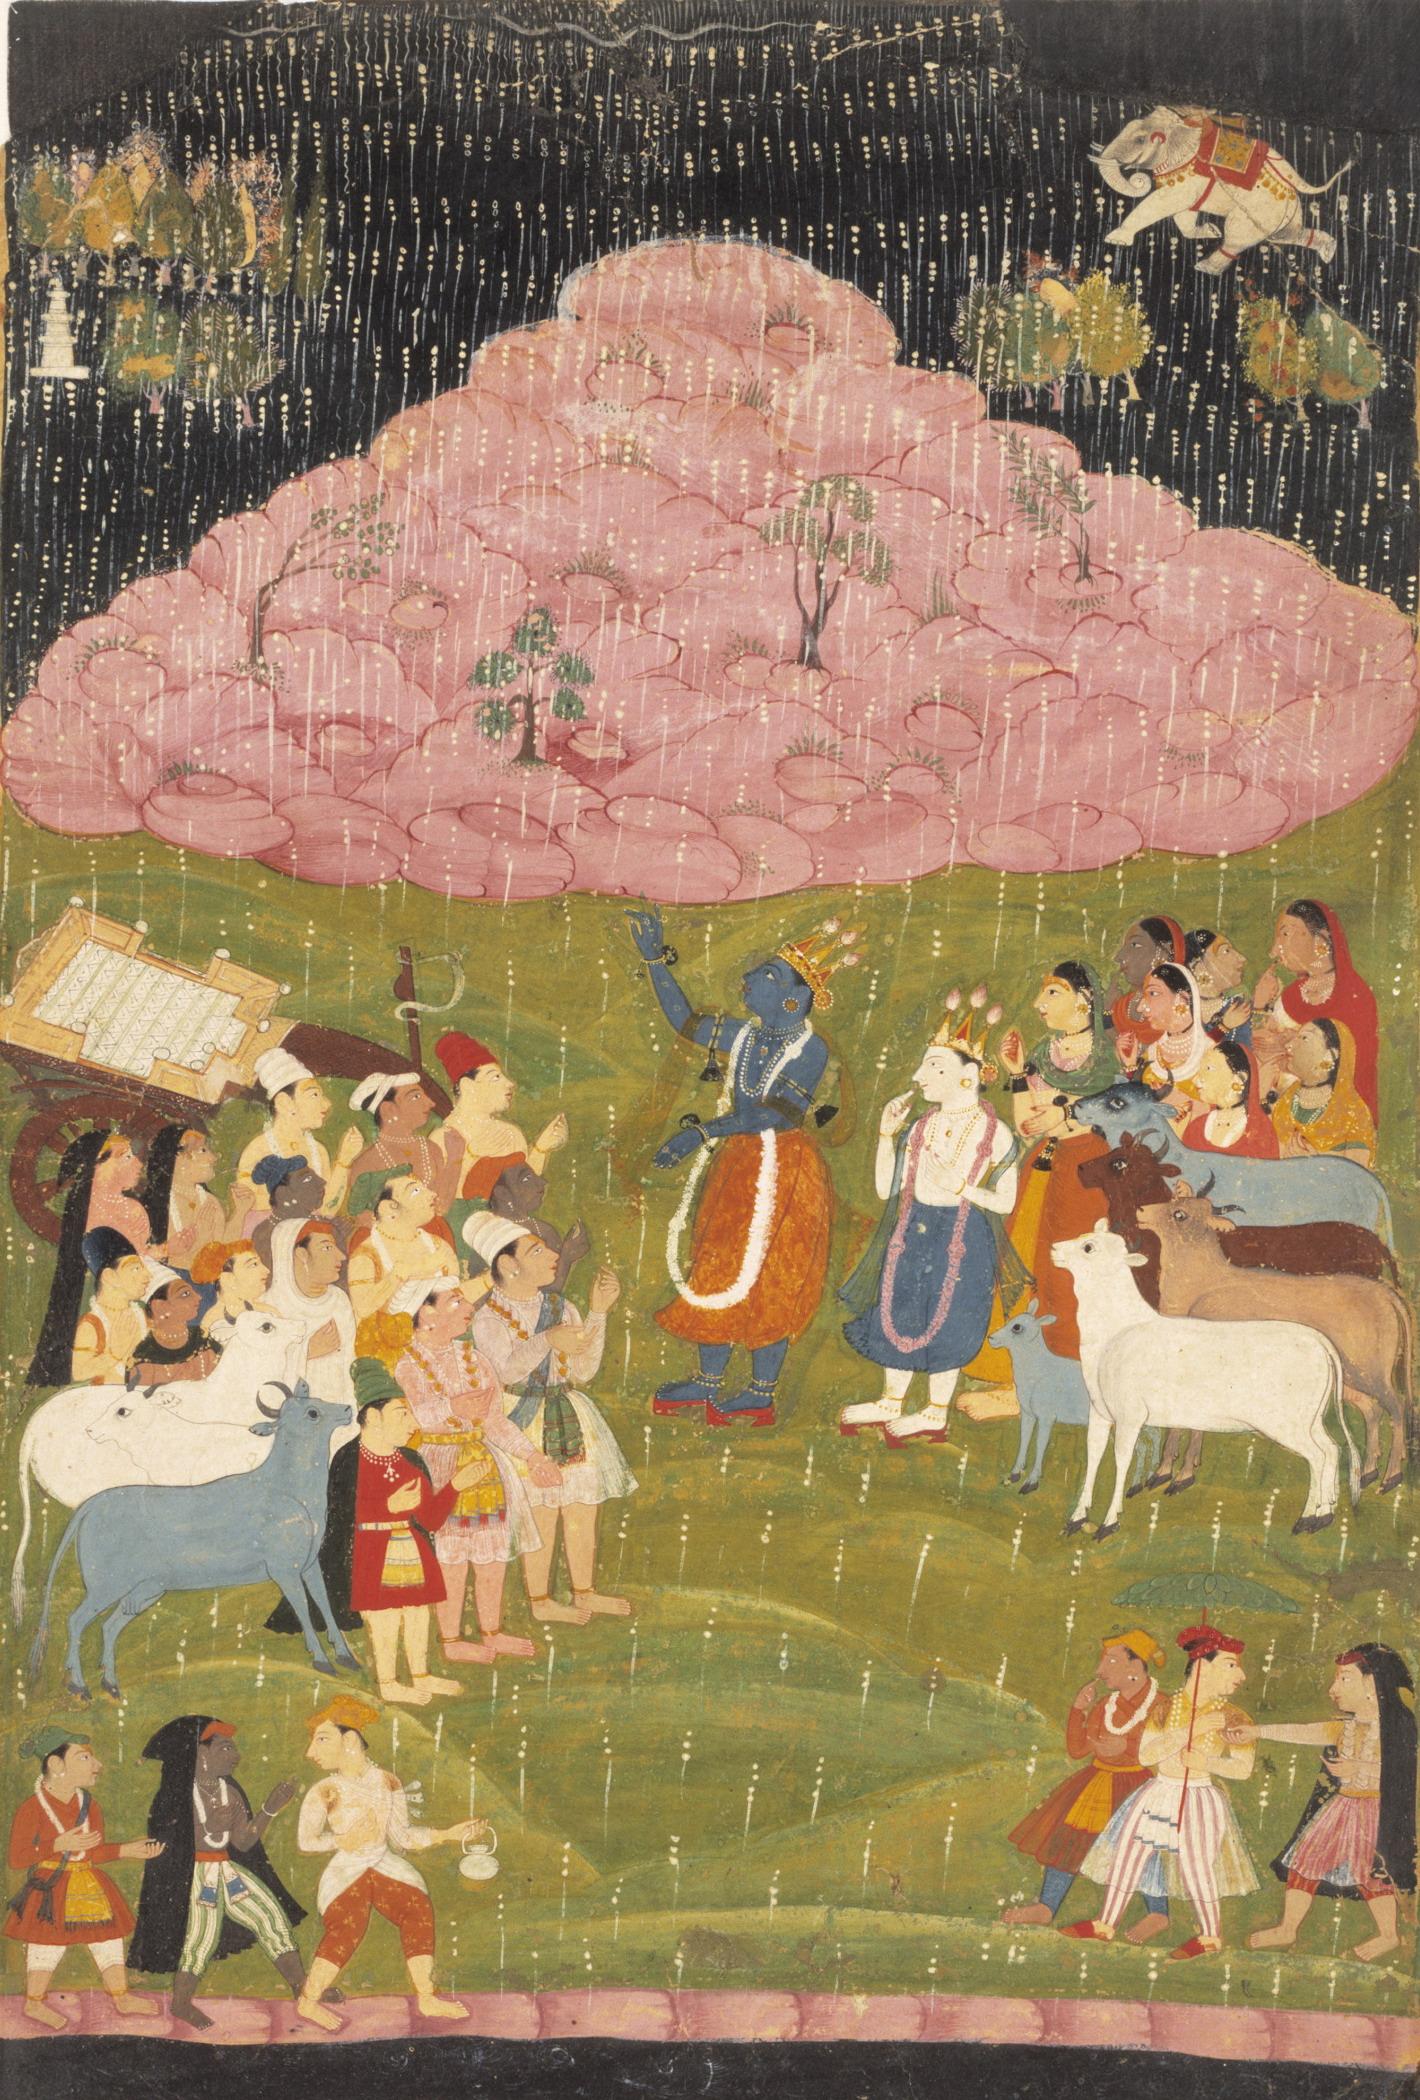 File:Krishna raising Mount Govardhan, Bhagavata Purana,ca 1640.jpg ...